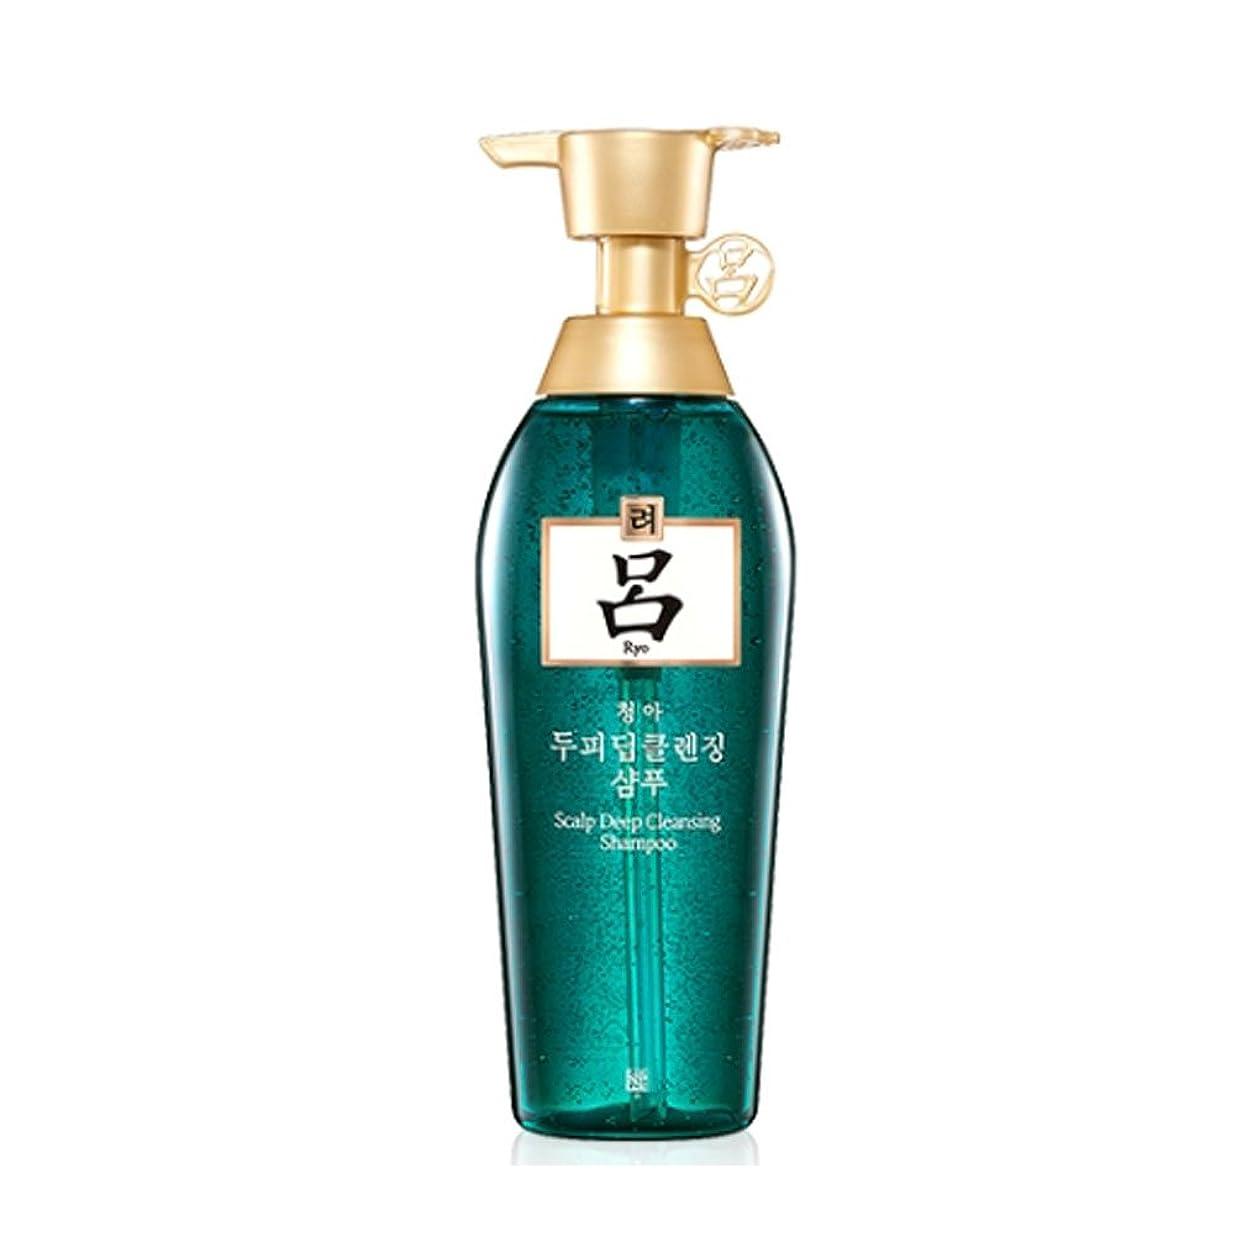 仕立て屋パラシュート魔法[呂] Ryo チョンア頭皮ディープクレンジング シャンプー 500ml [並行輸入品]